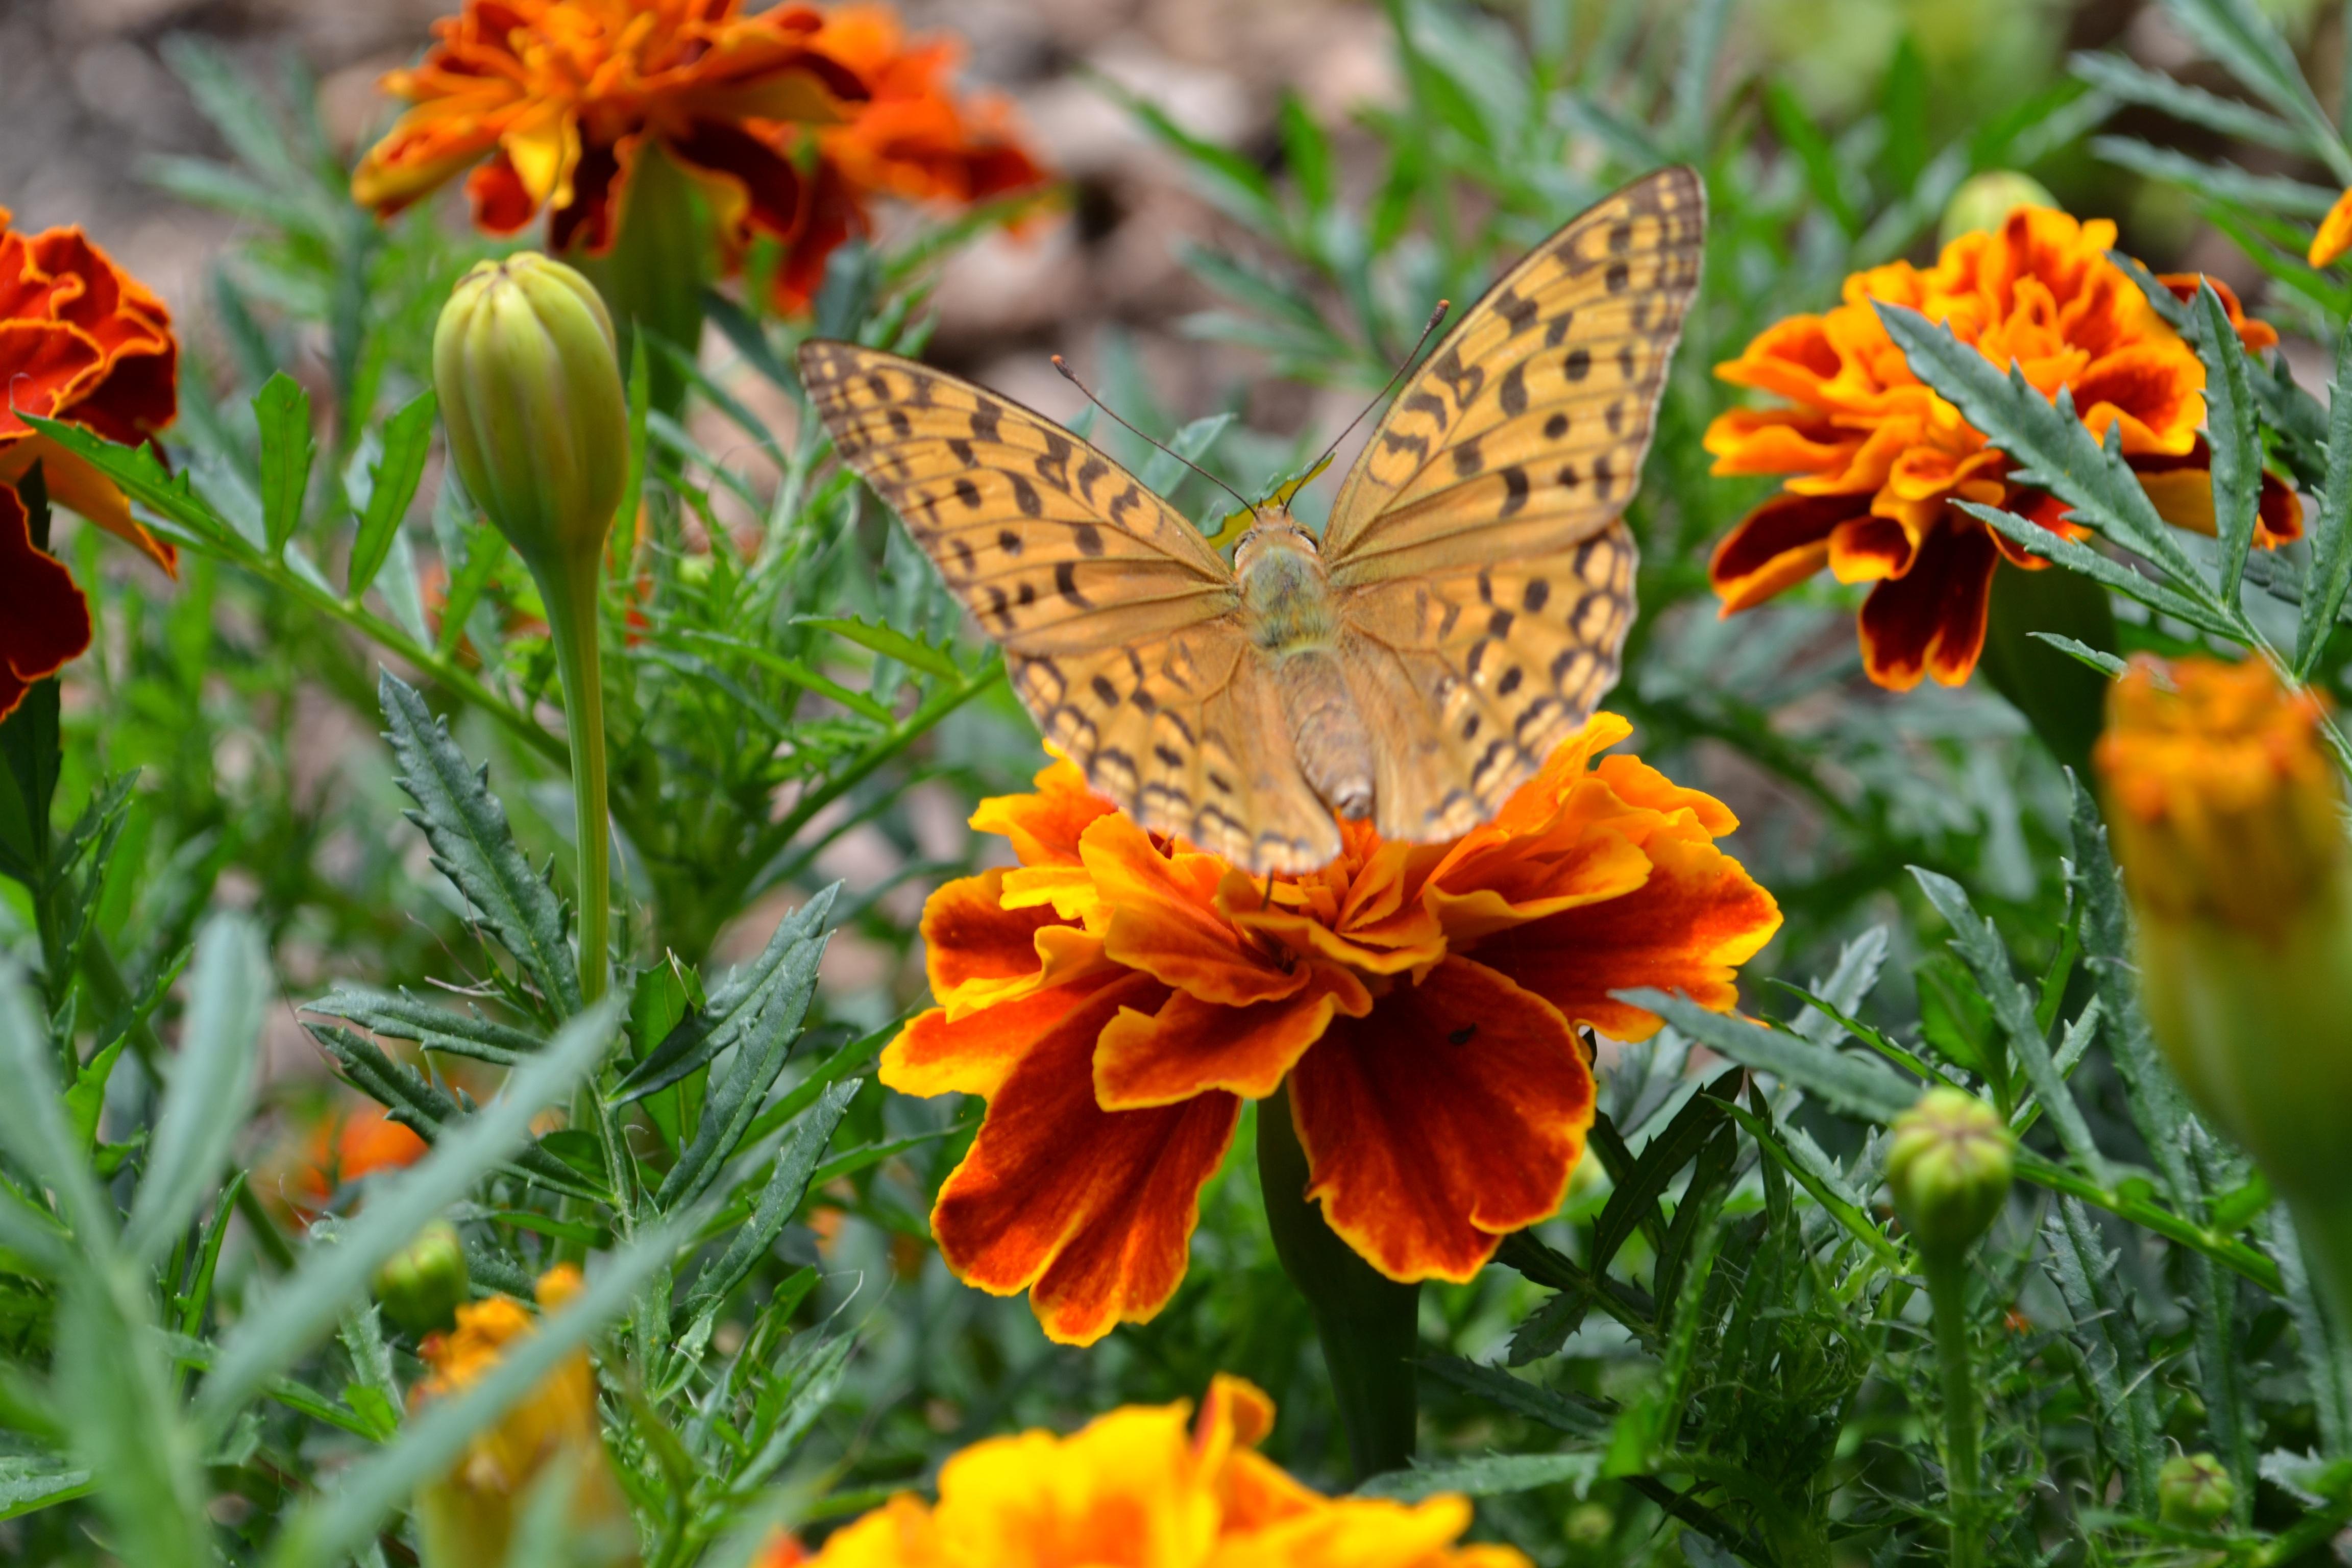 фото красивых цветов живых в природе камеру голую девушку